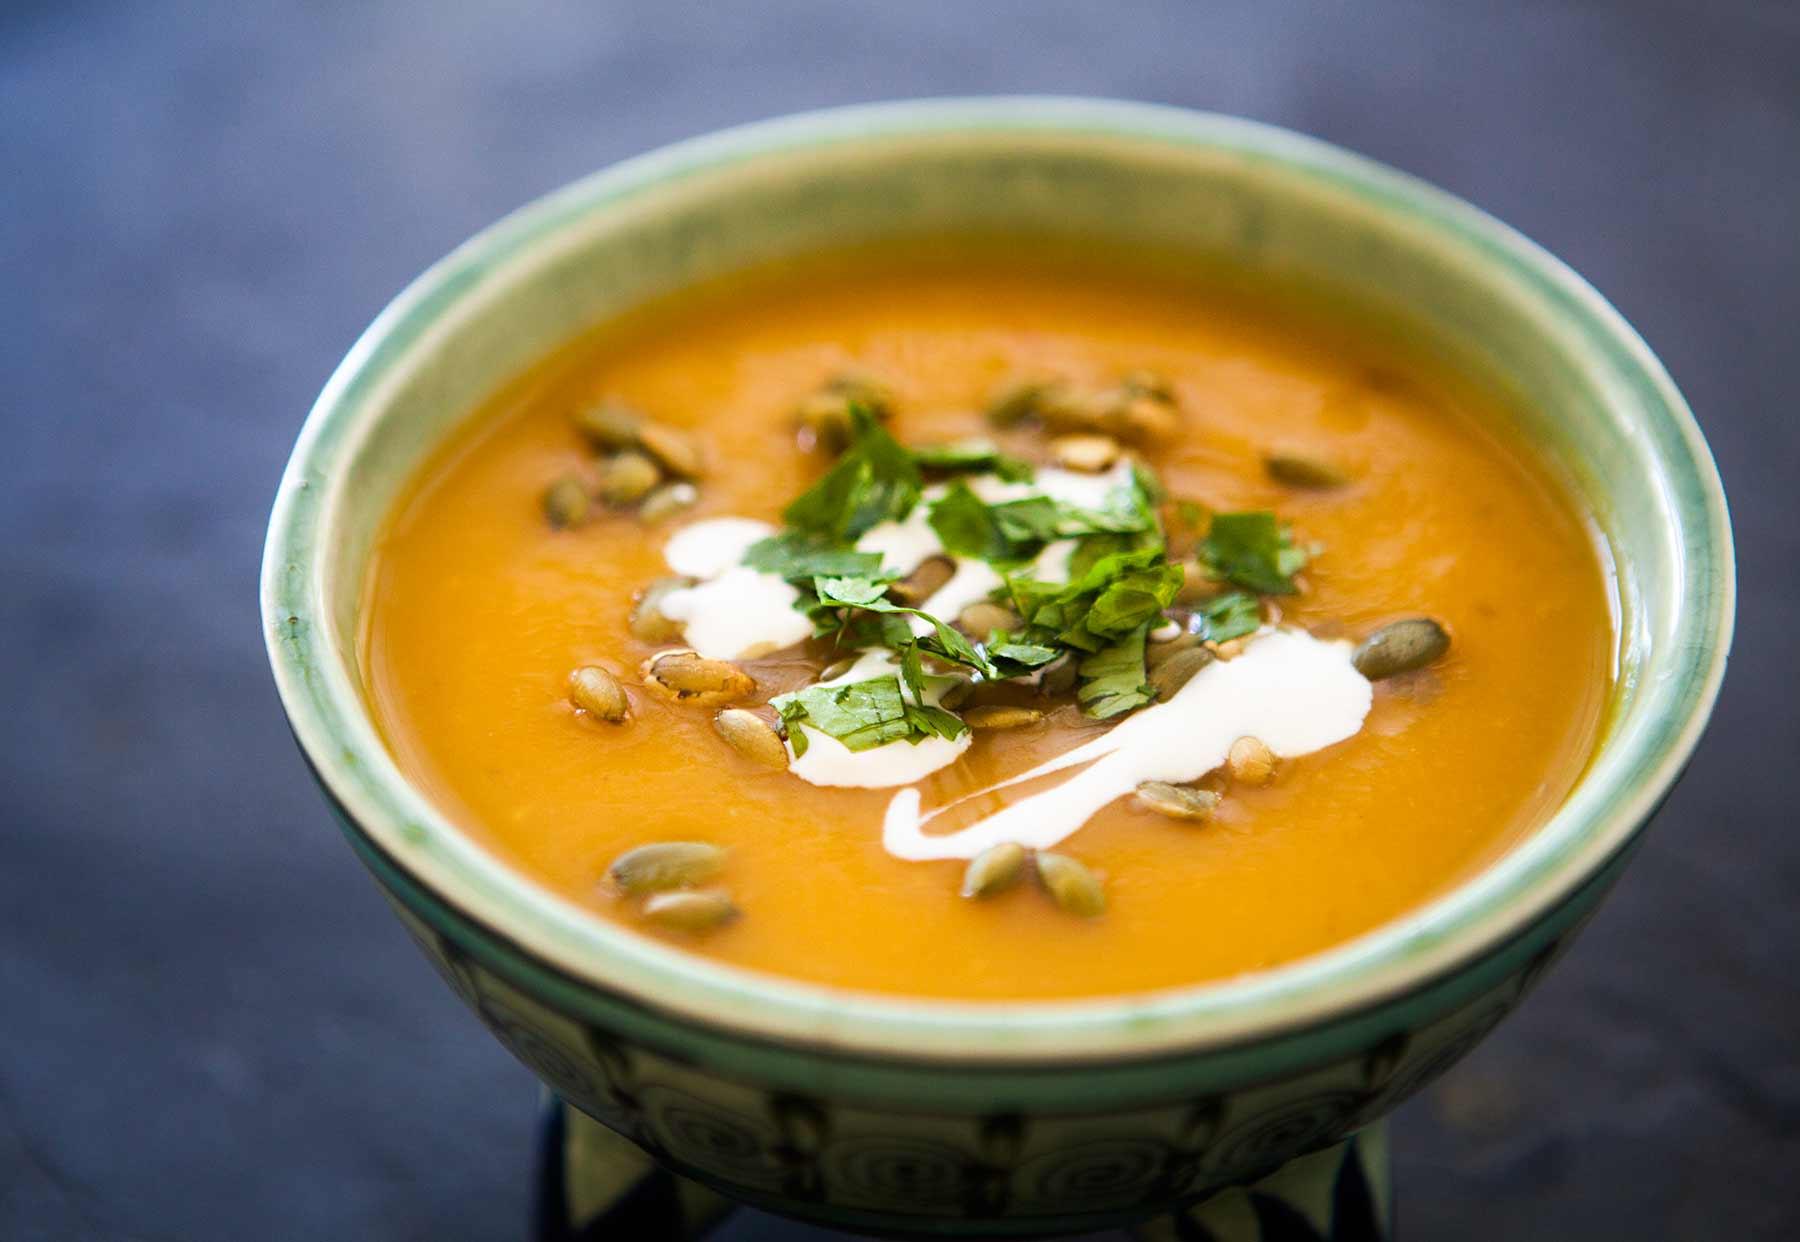 chipotle-pumpkin-soup-horiz-a-1800.jpg